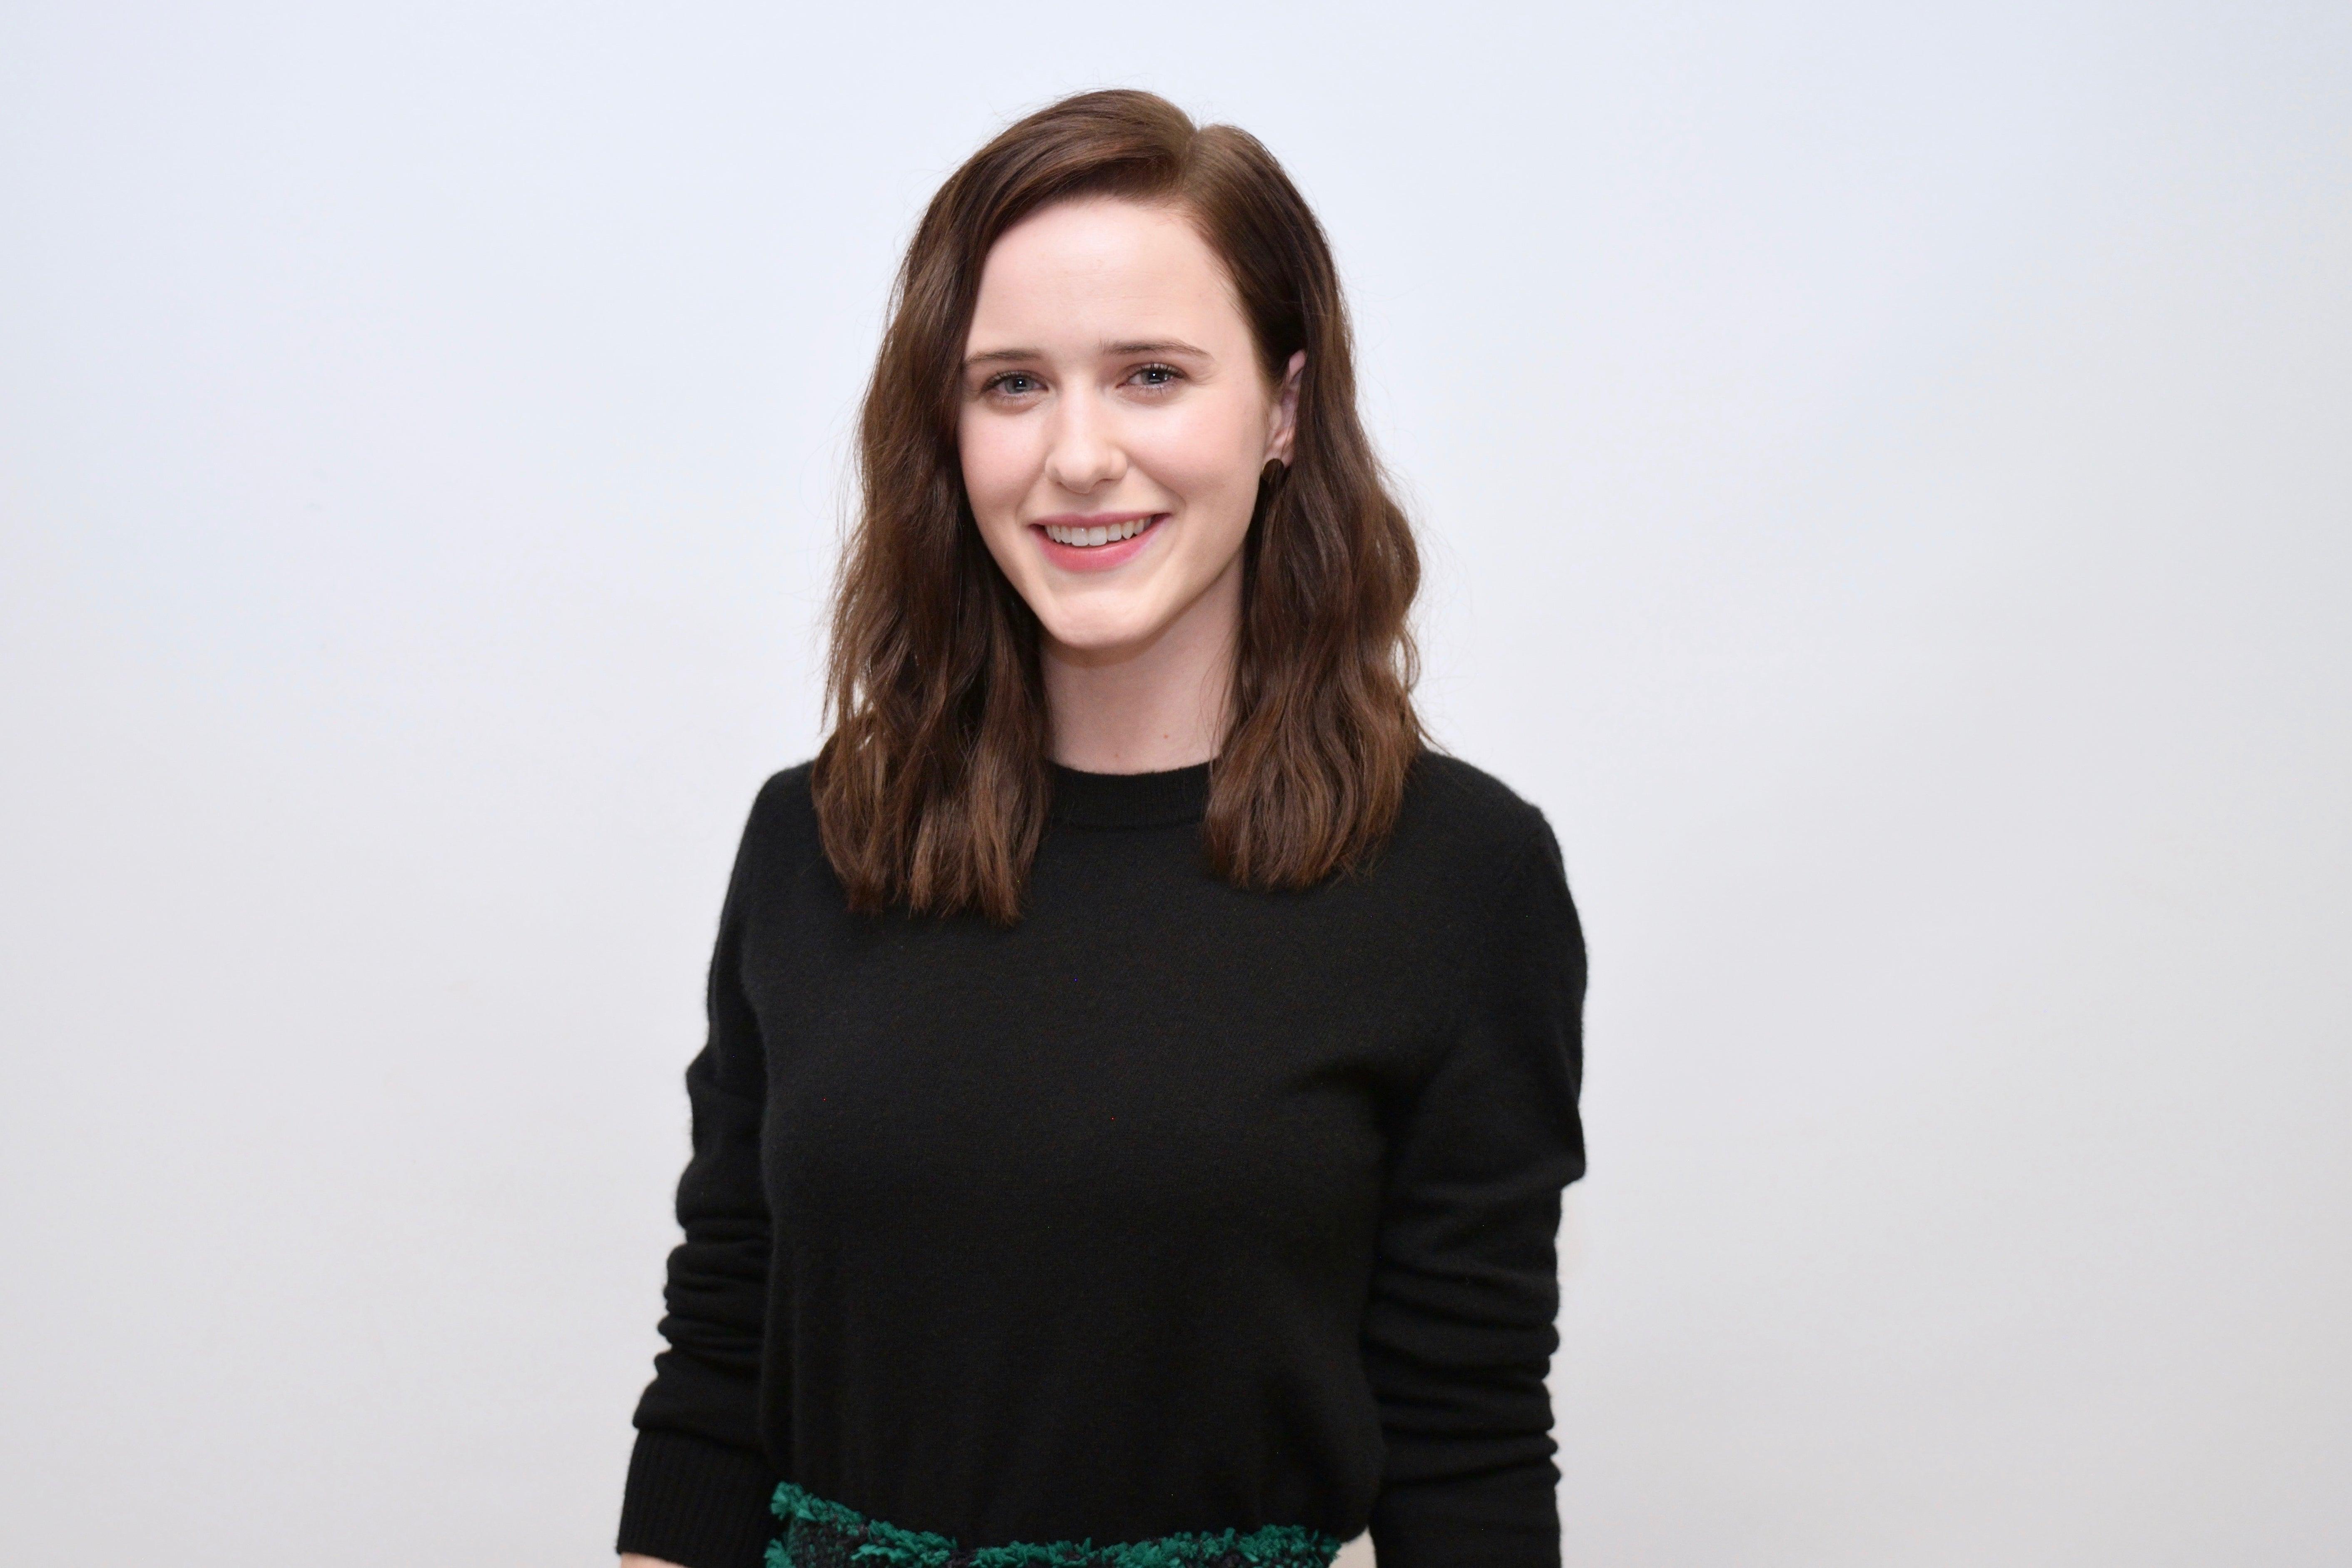 Actress Rachel Brosnahan